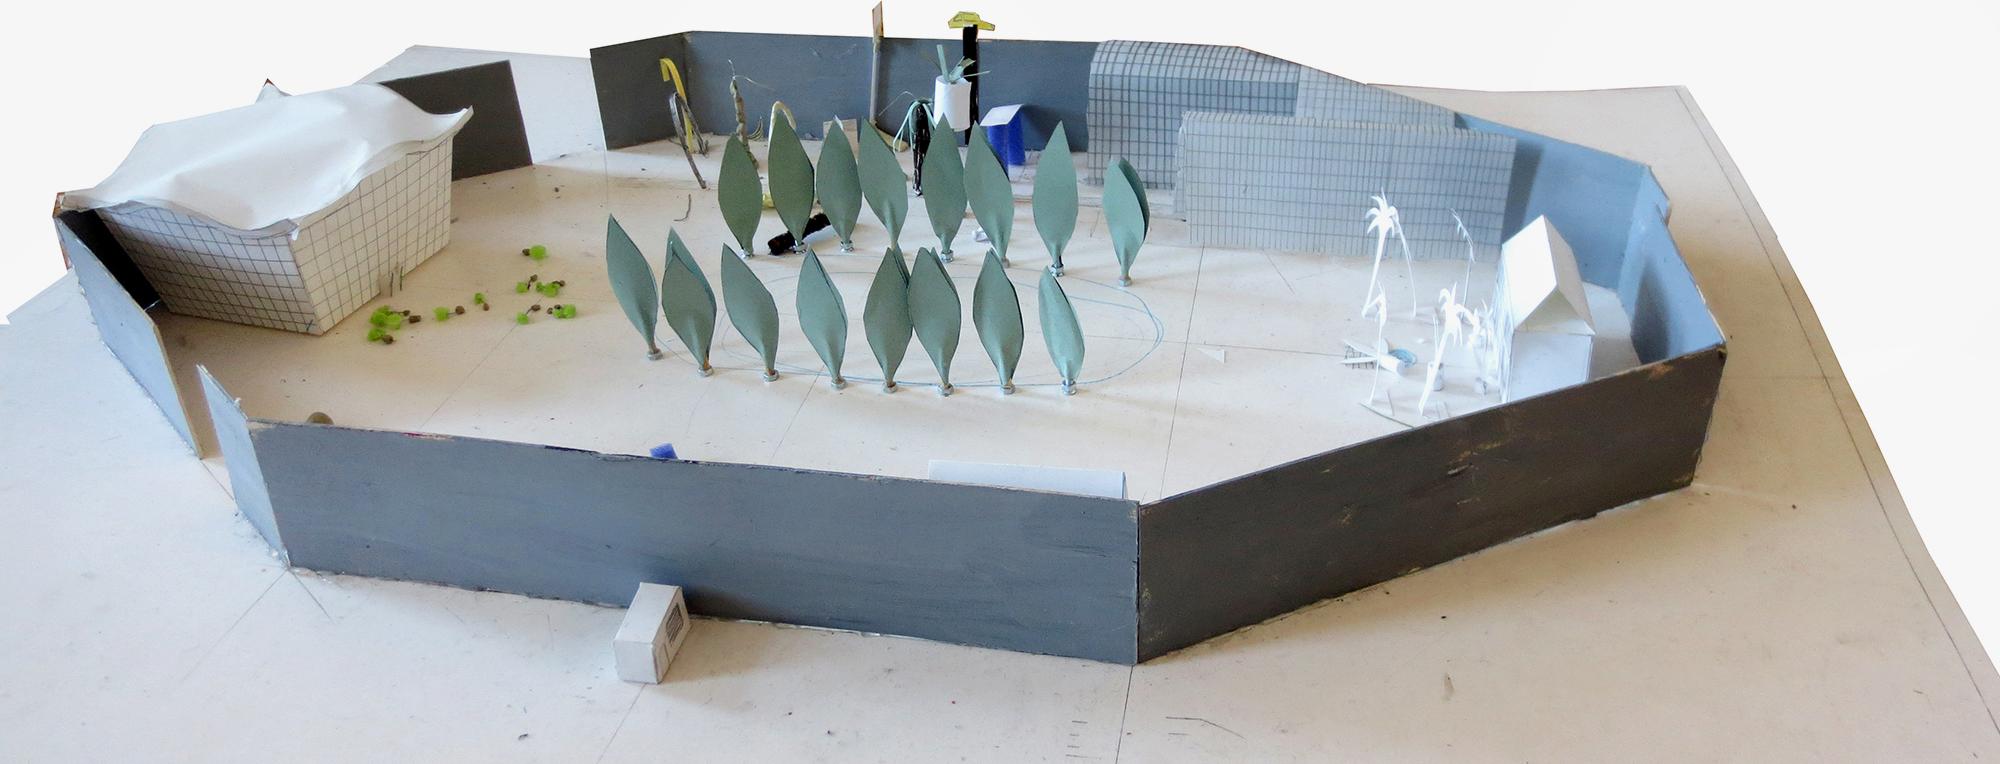 """Model of """"Le Parc""""."""